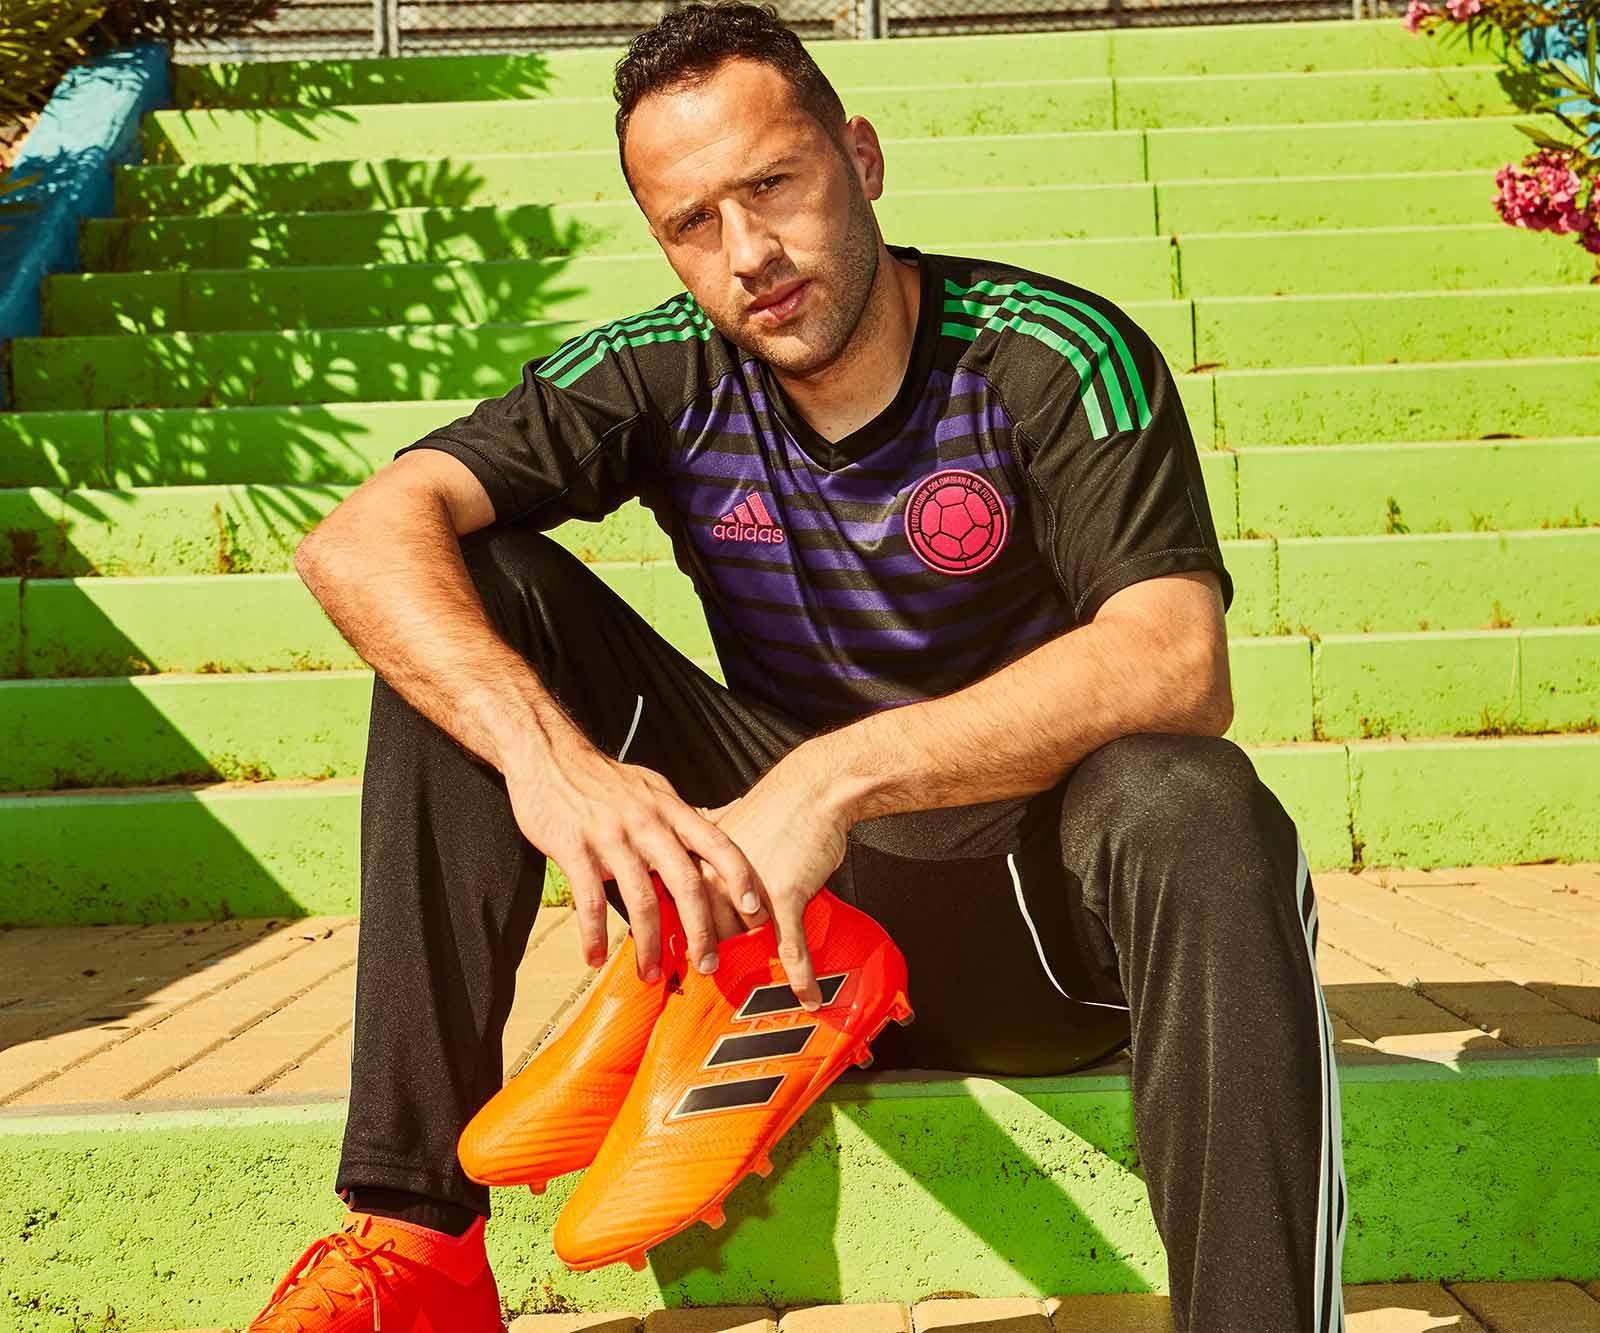 Colombia 2018 Goalkeeper Kit Released Footy Headlines